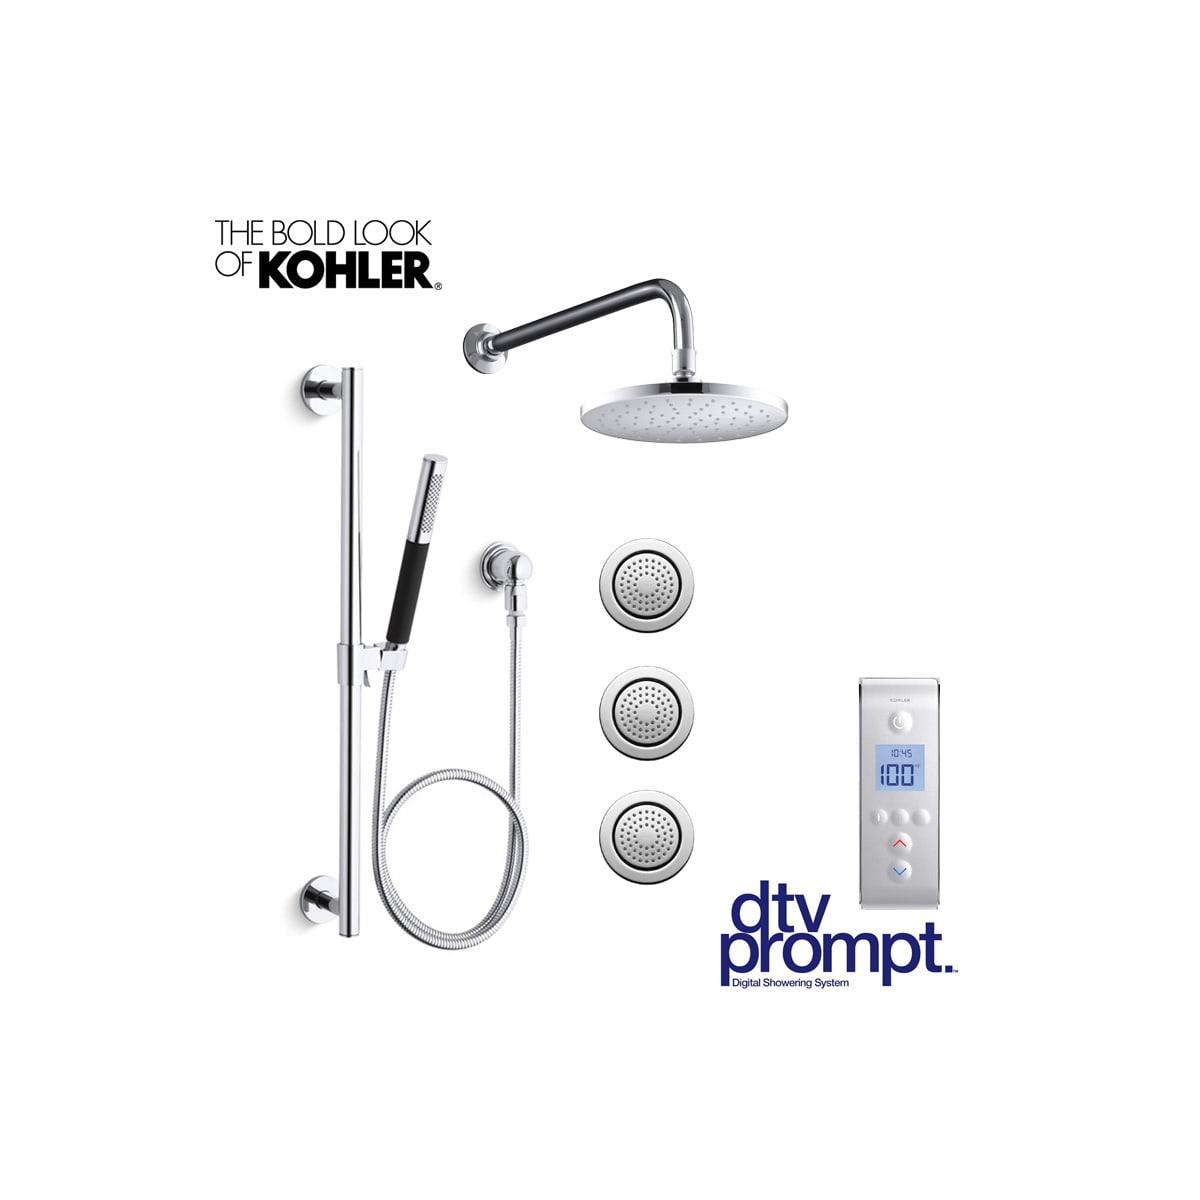 Kohler Dtv Prompt Cr Sp3